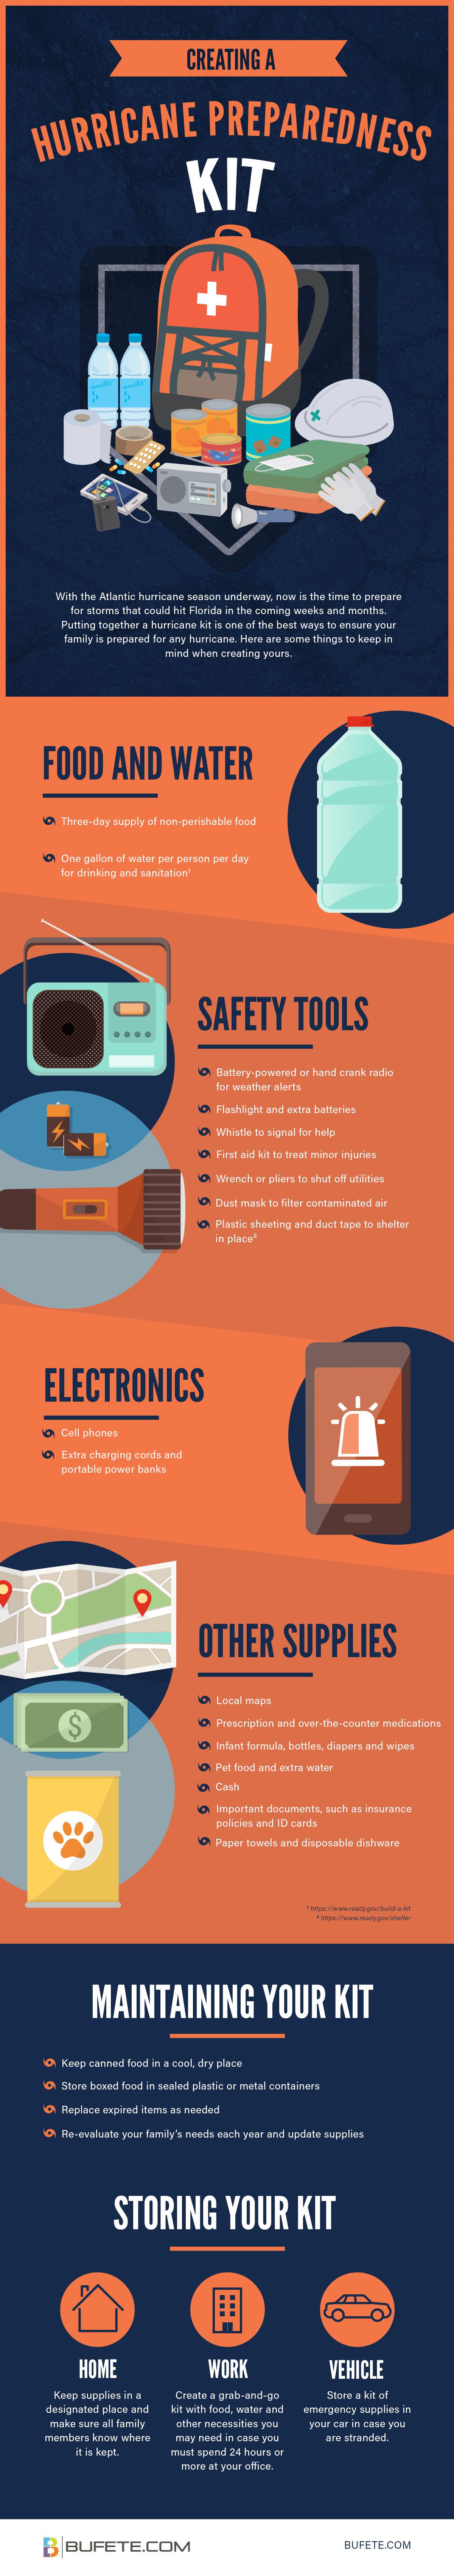 Prep Kit for Hurricanes - infographic